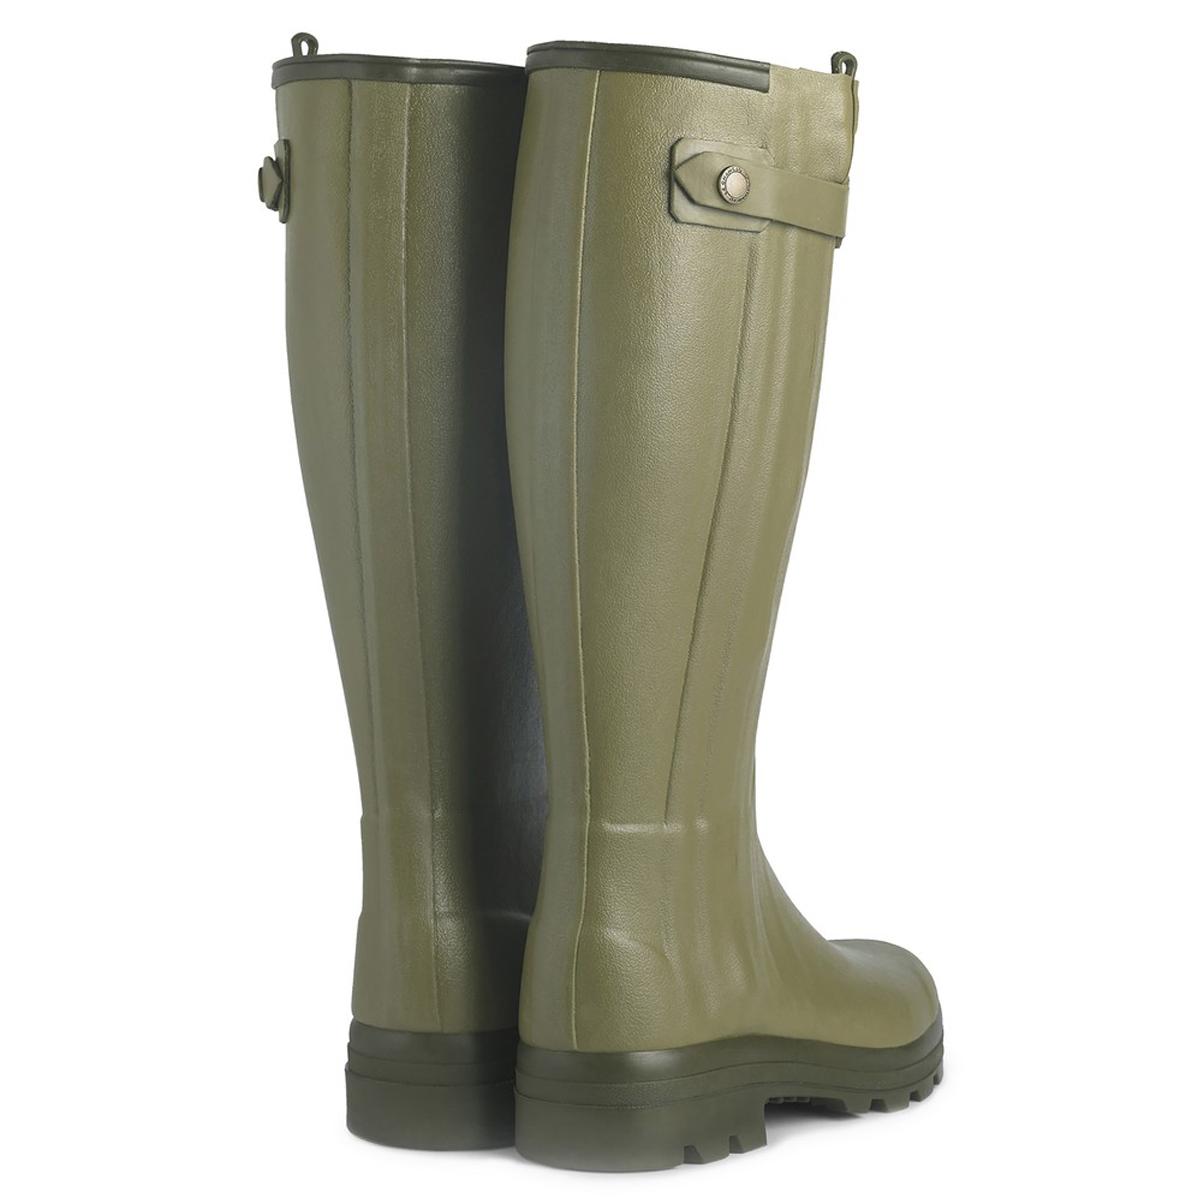 Le Chameau Women's Chasseur Leather Lined Wellington Boots – Vert Vierzon